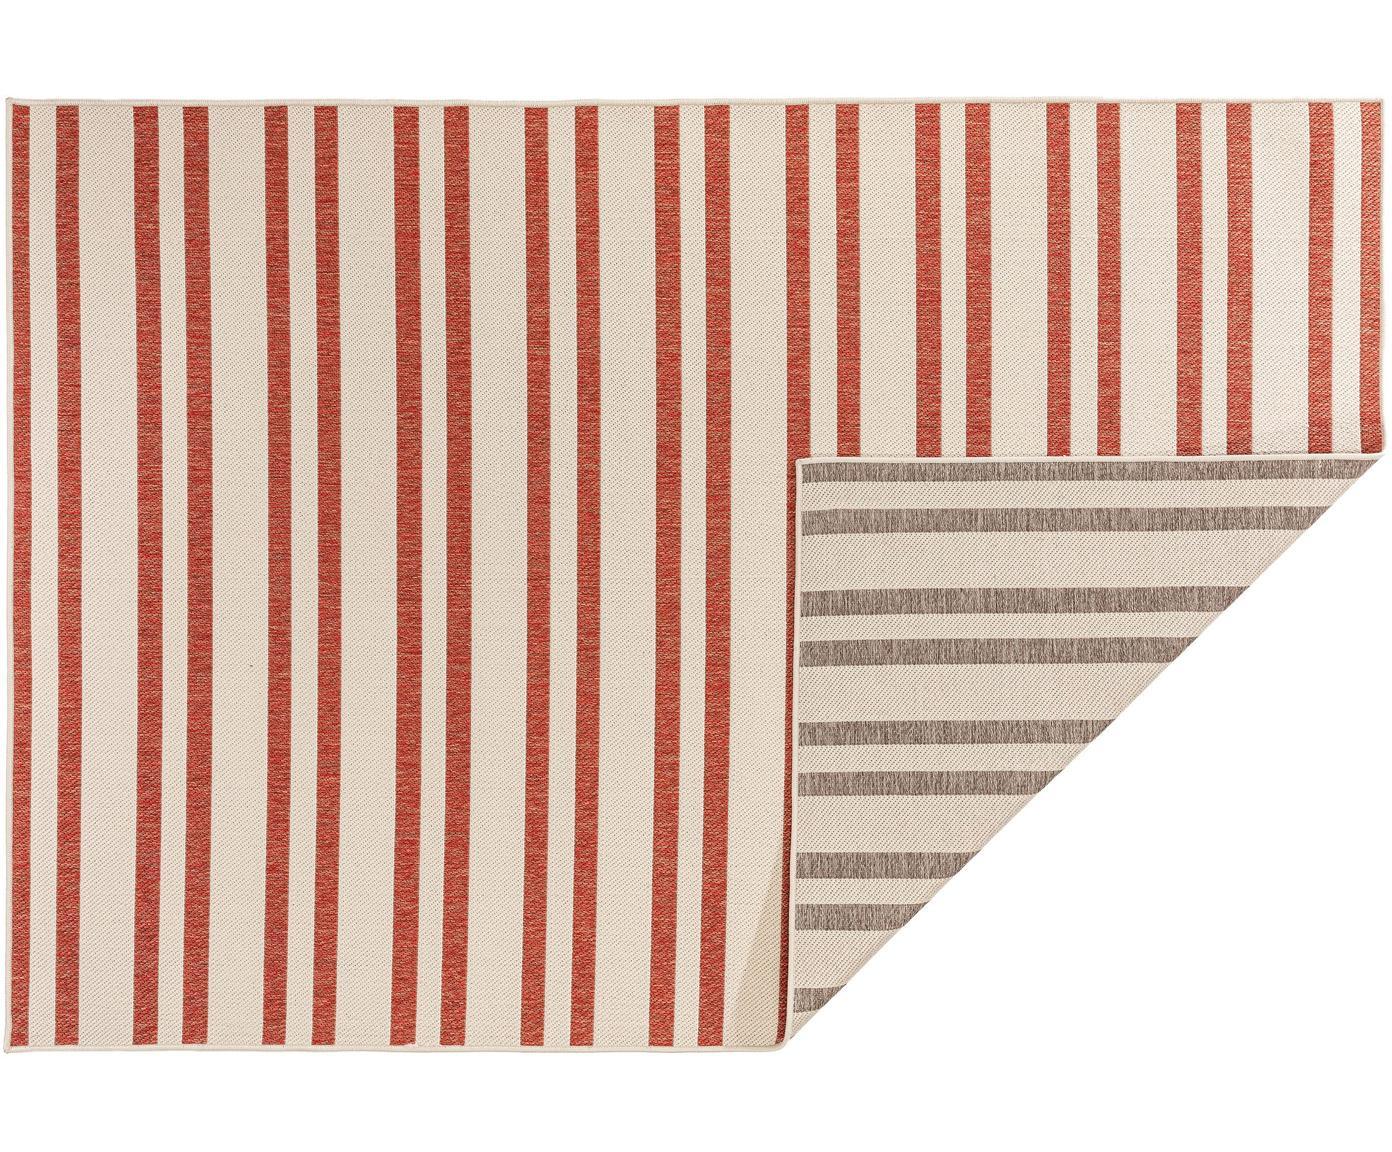 Gestreept in- & outdoor vloerkleed Terrazzo, Polypropyleen, Beige, rood, B 120 x L 180 cm (maat S)